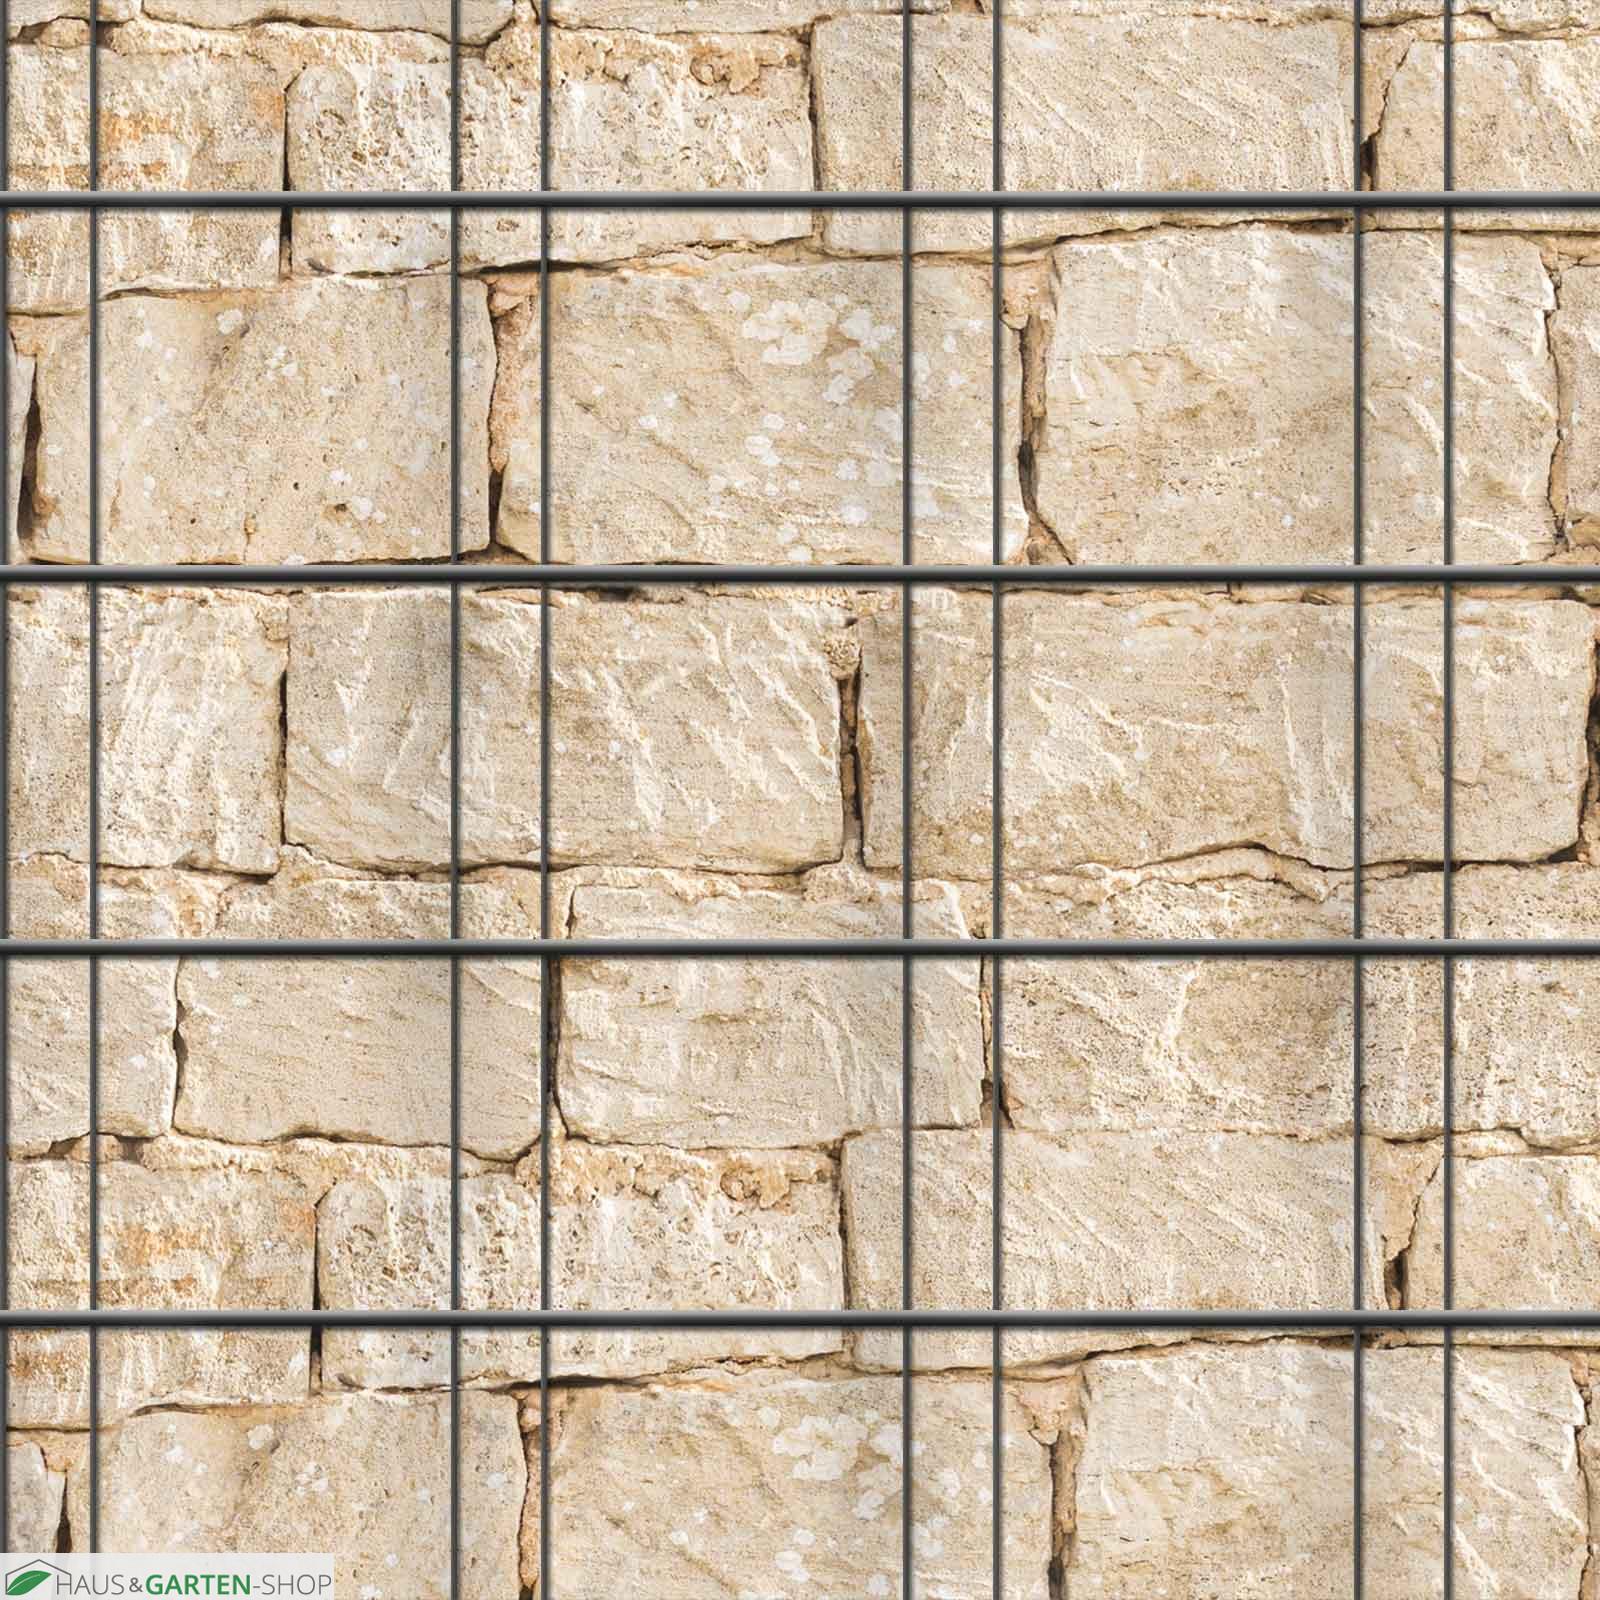 Sichtschutz Zaunsteifen mit Sandsteinmauer Motiv zum einflechten